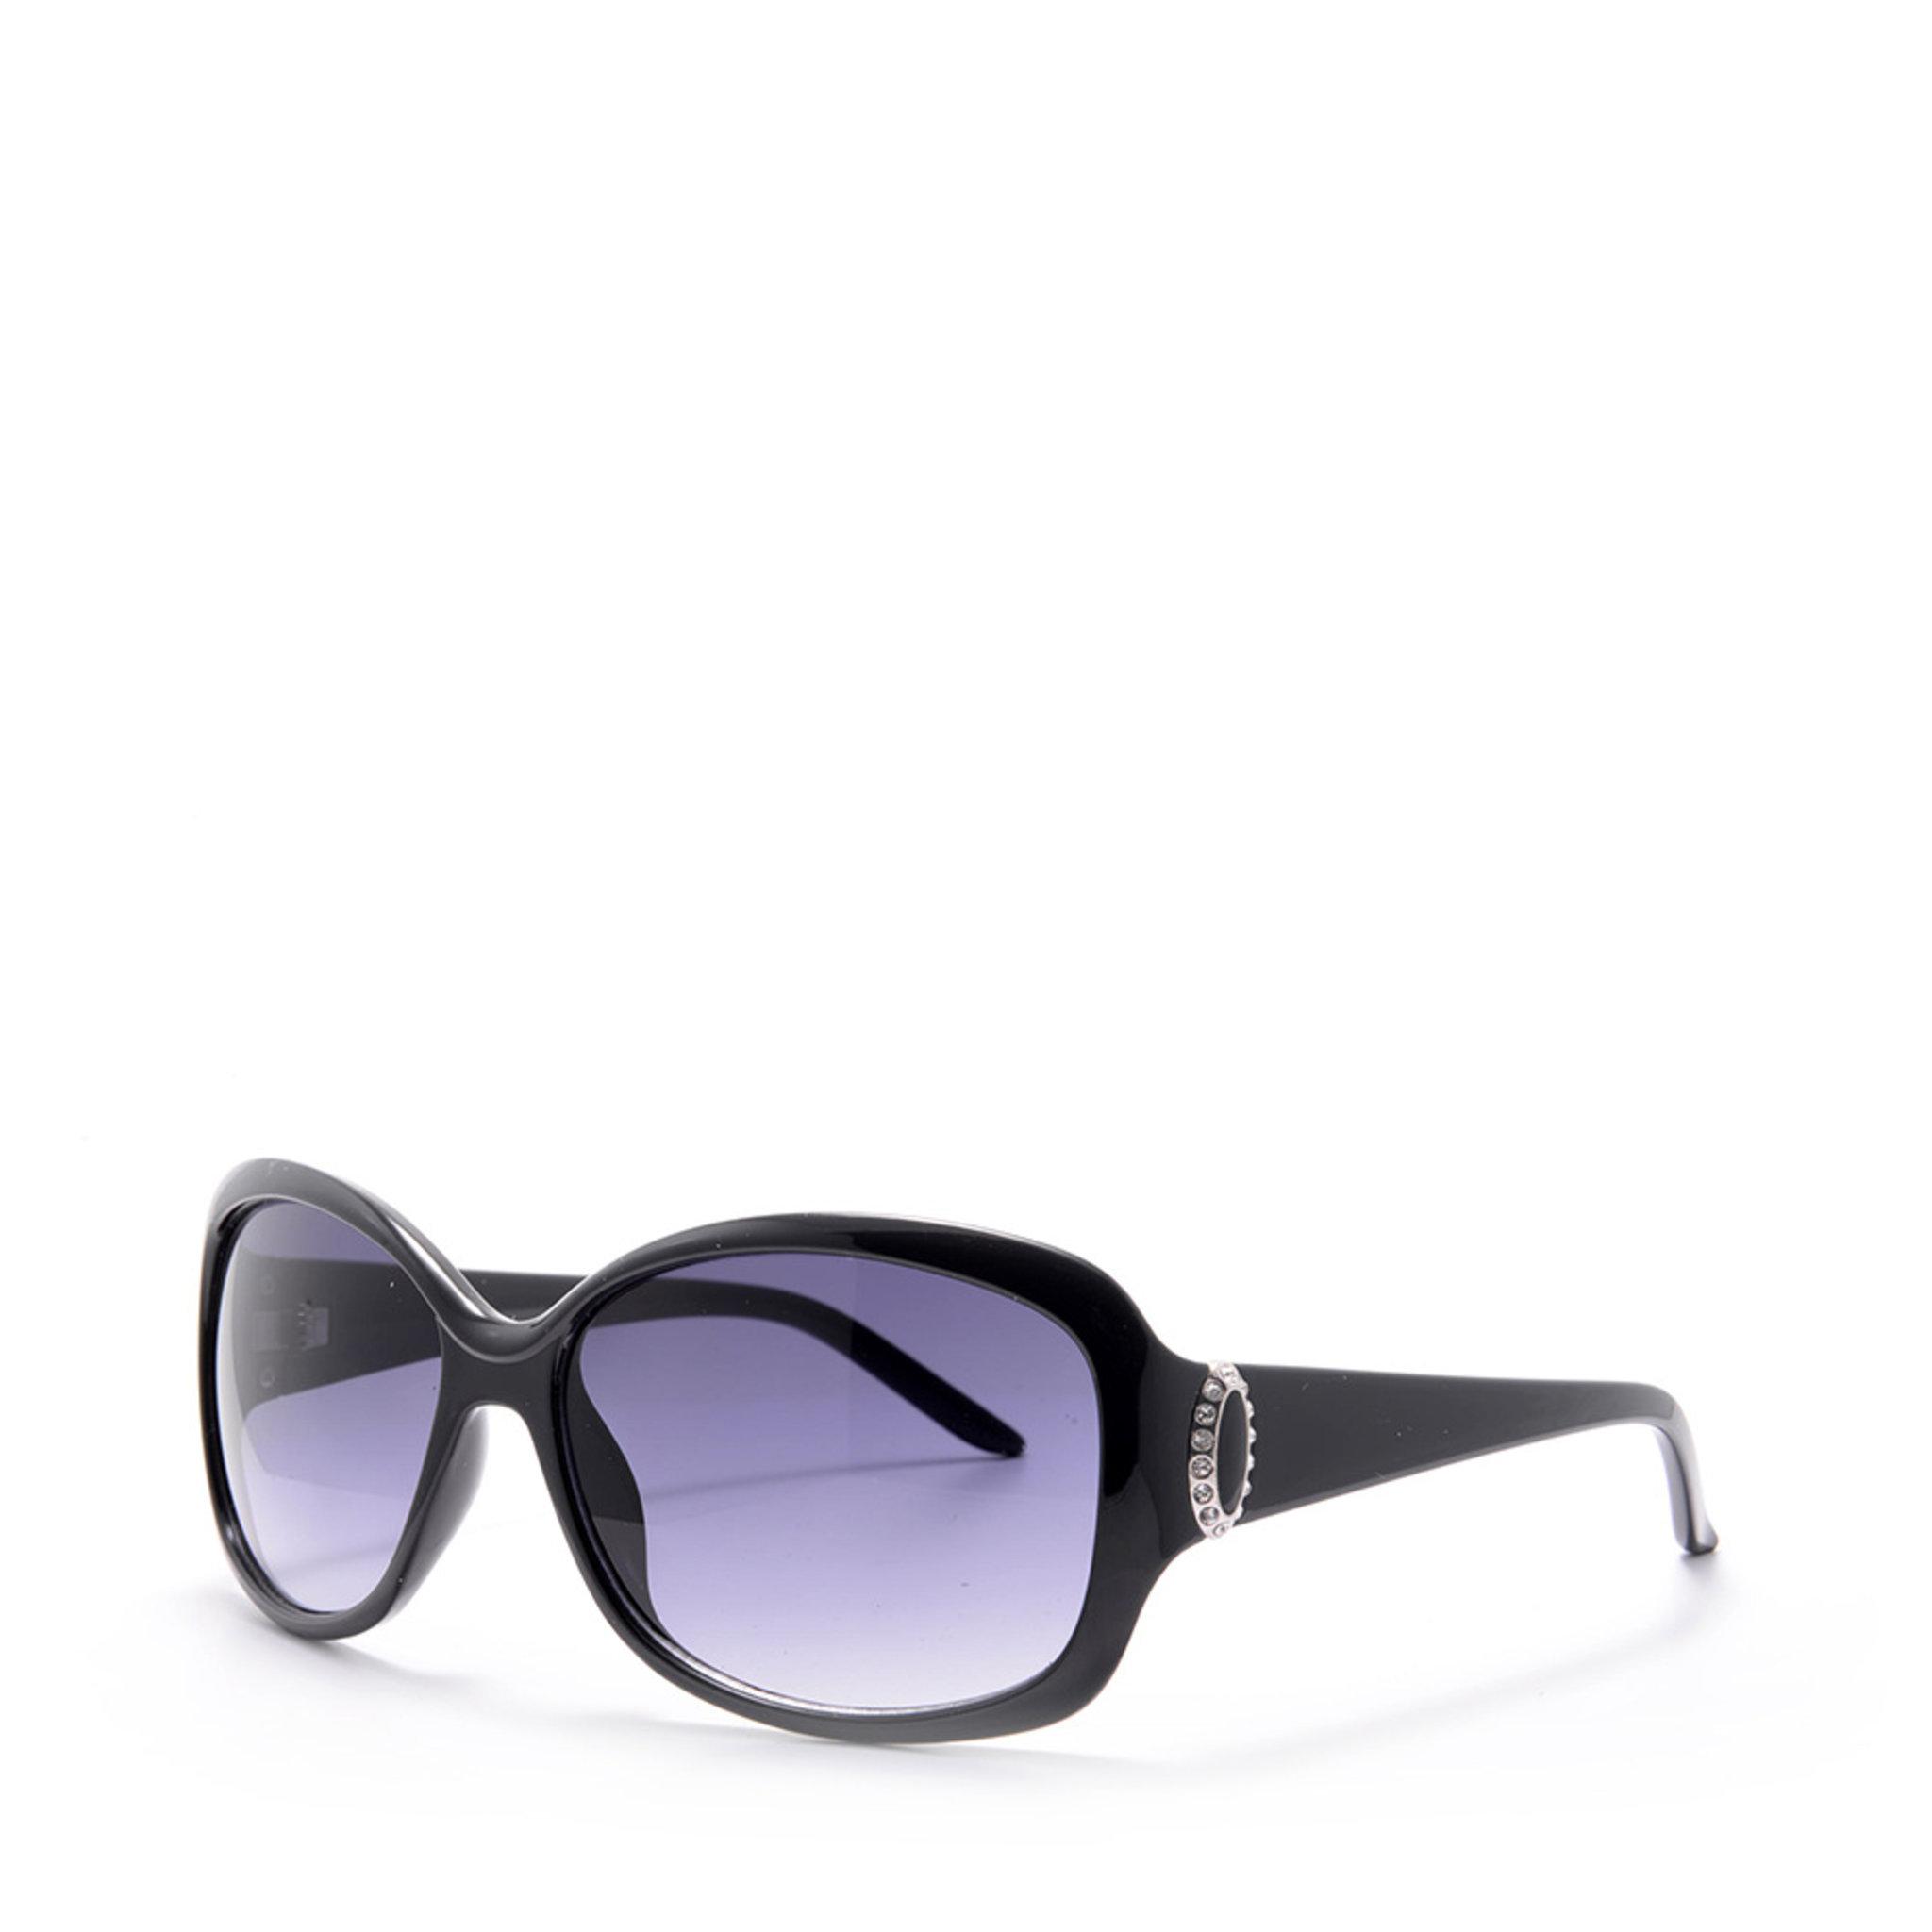 Solglasögon, Amelia